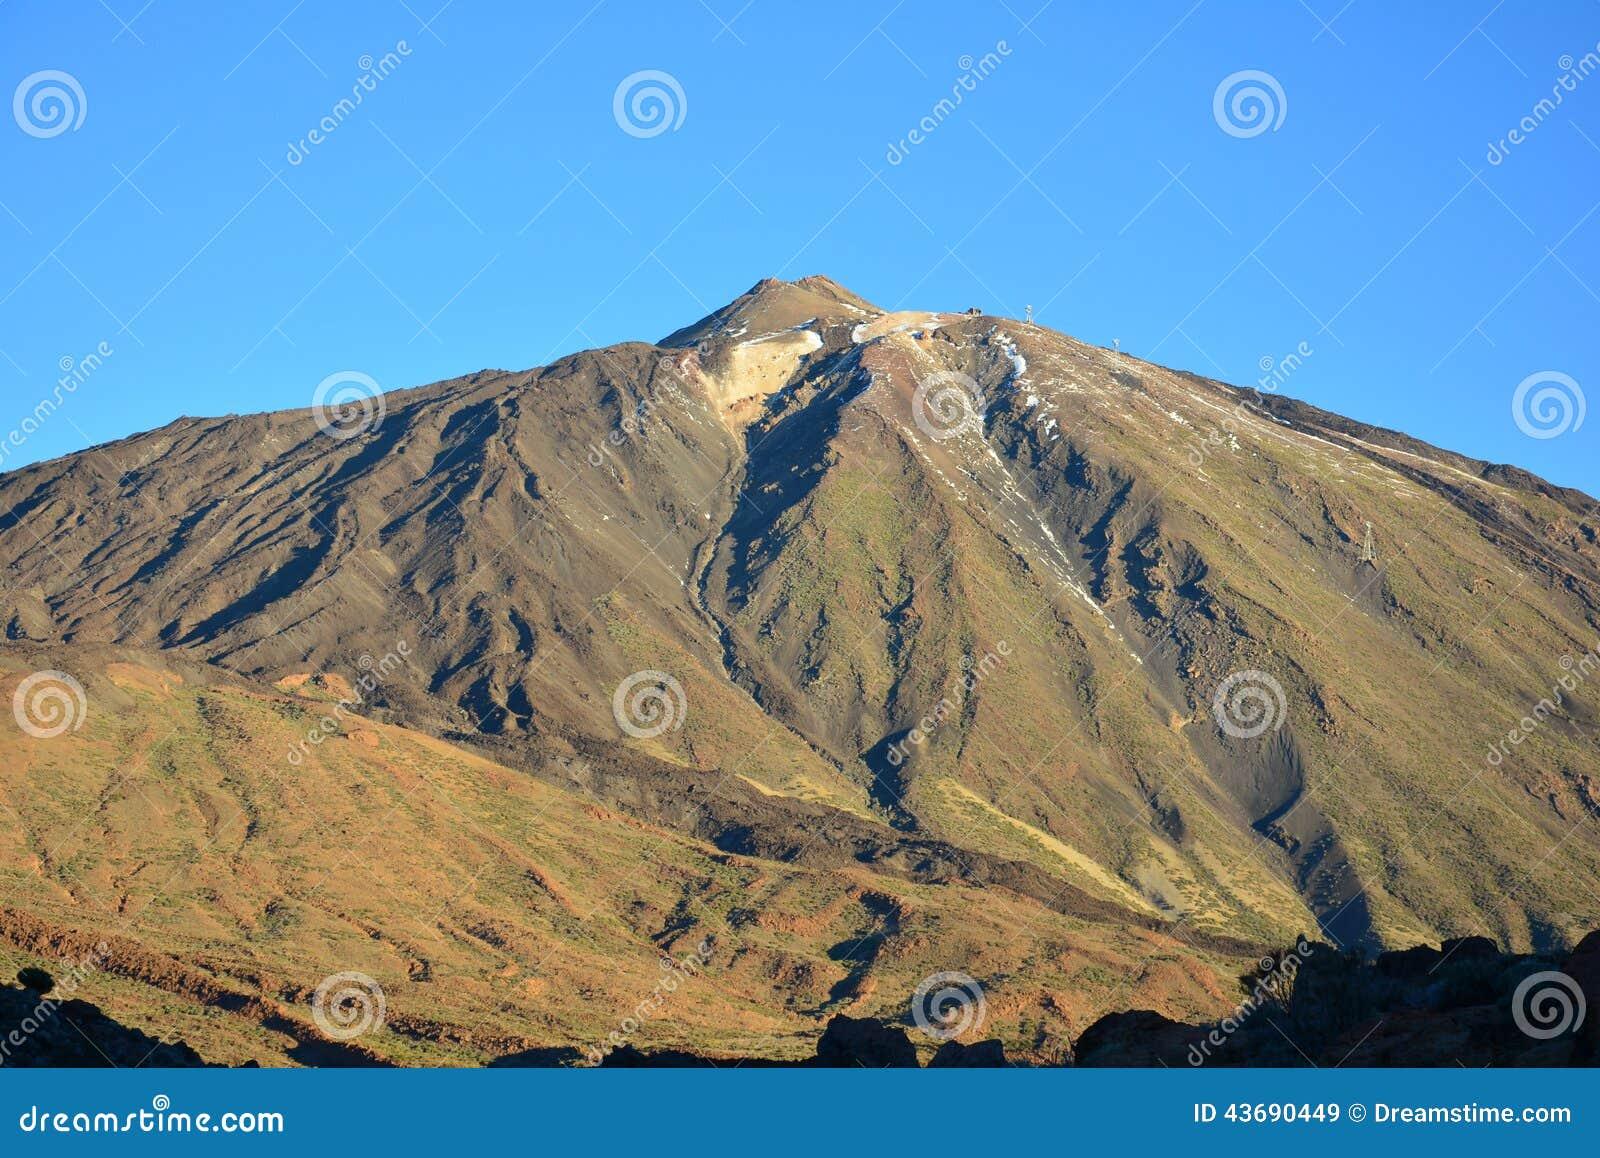 Скалы вулкана лавы горы трясут Платона, восхода солнца в горах, ландшафта горы, ландшафта, Teide